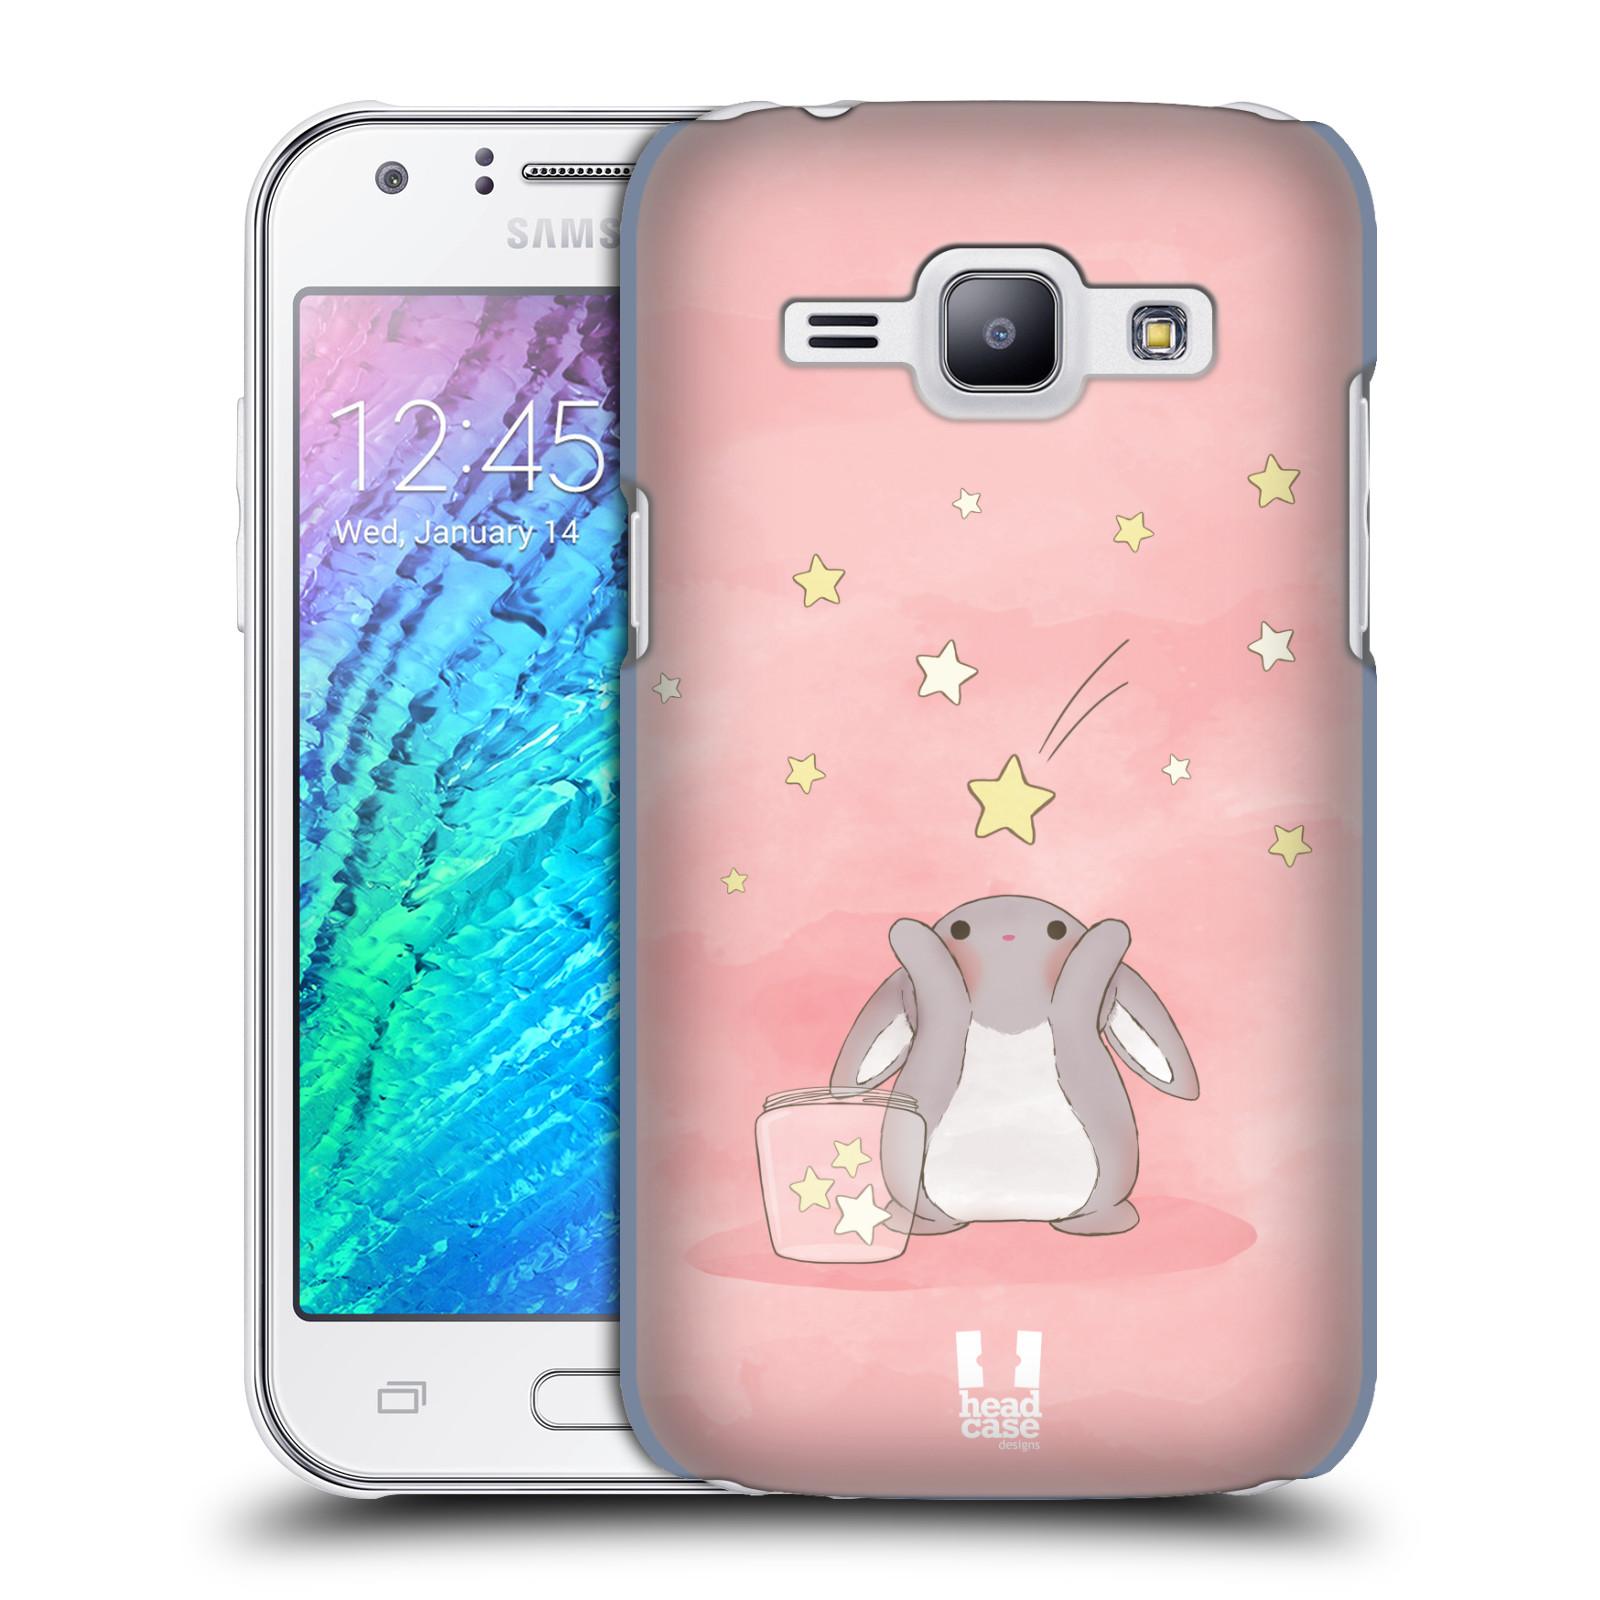 HEAD CASE plastový obal na mobil SAMSUNG Galaxy J1, J100 vzor králíček a hvězdy růžová